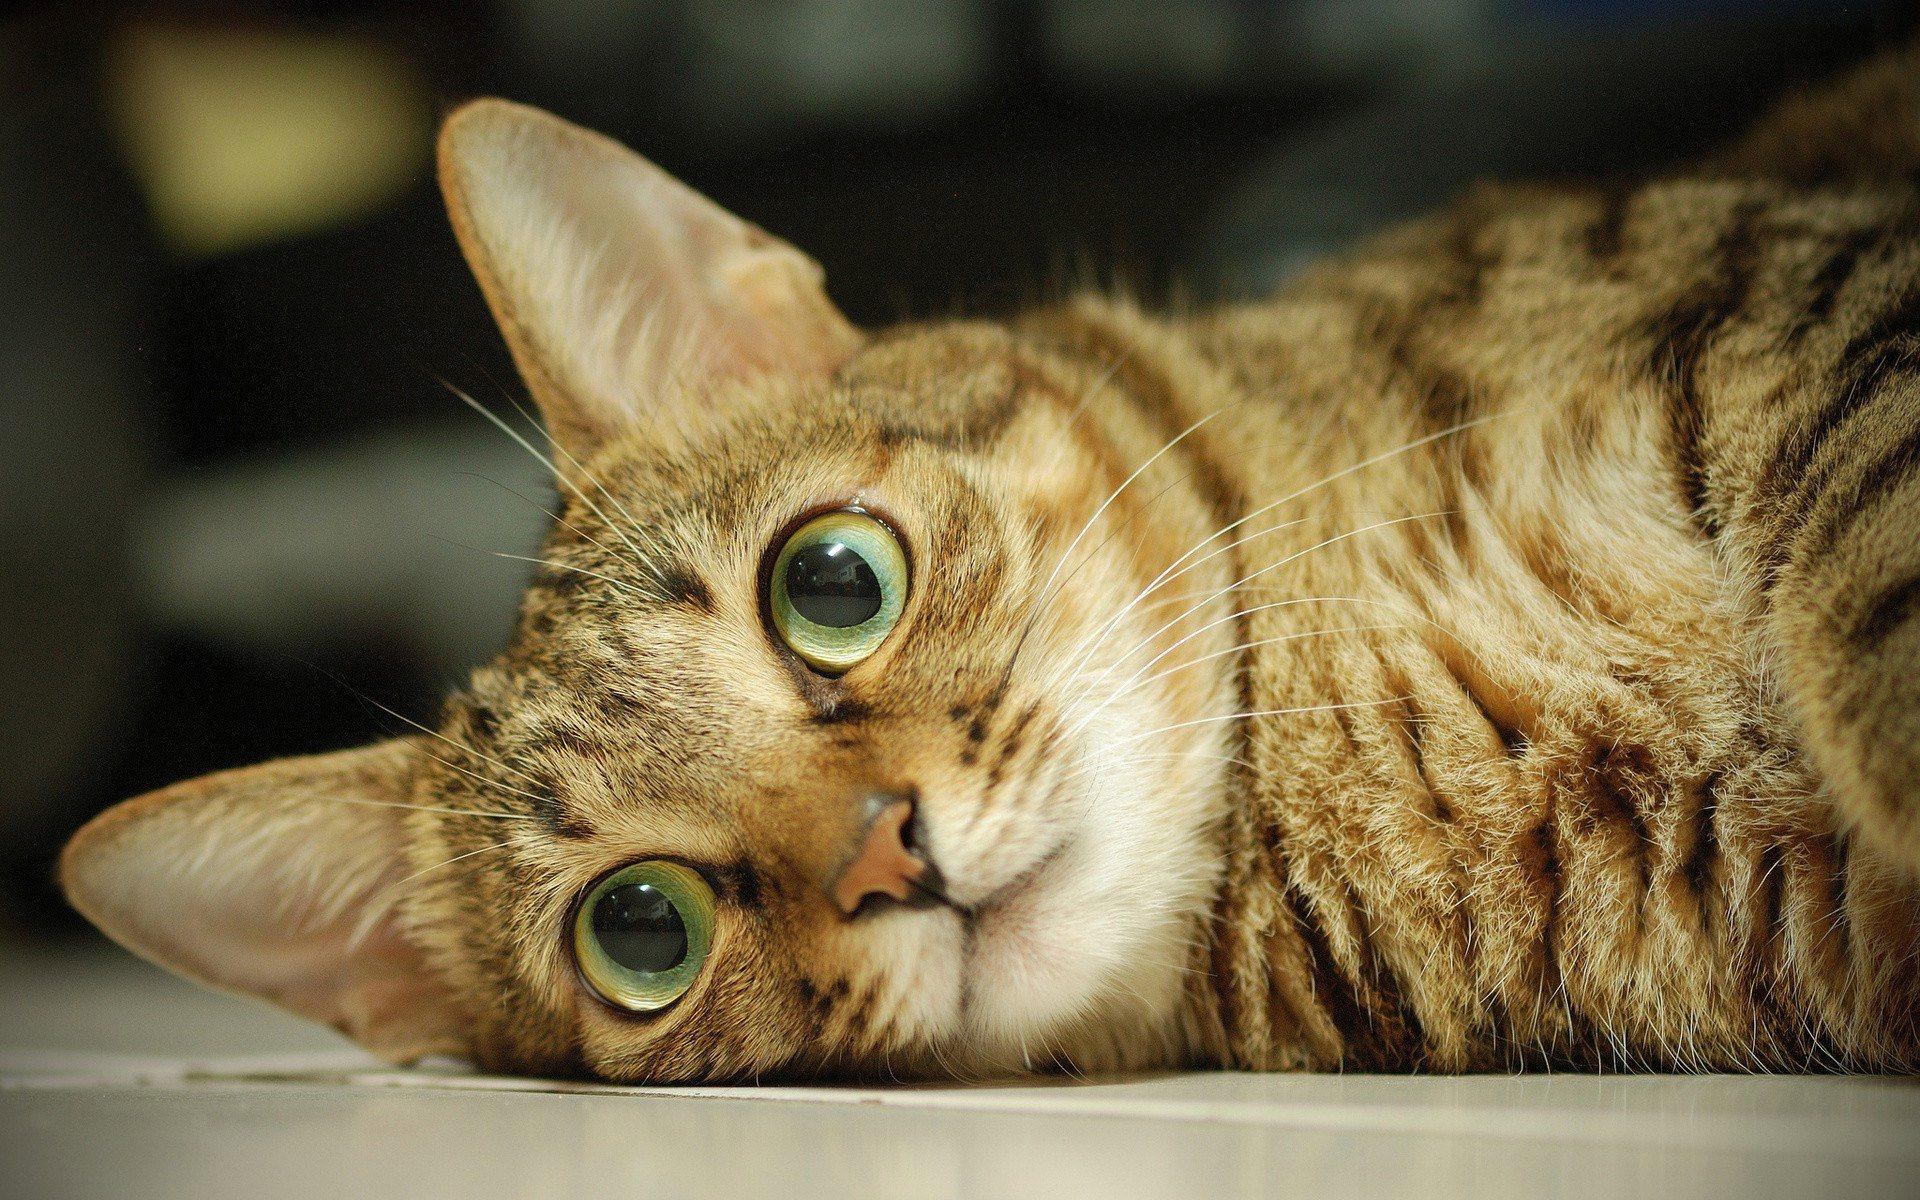 cute-cat-eyes-wallpaper